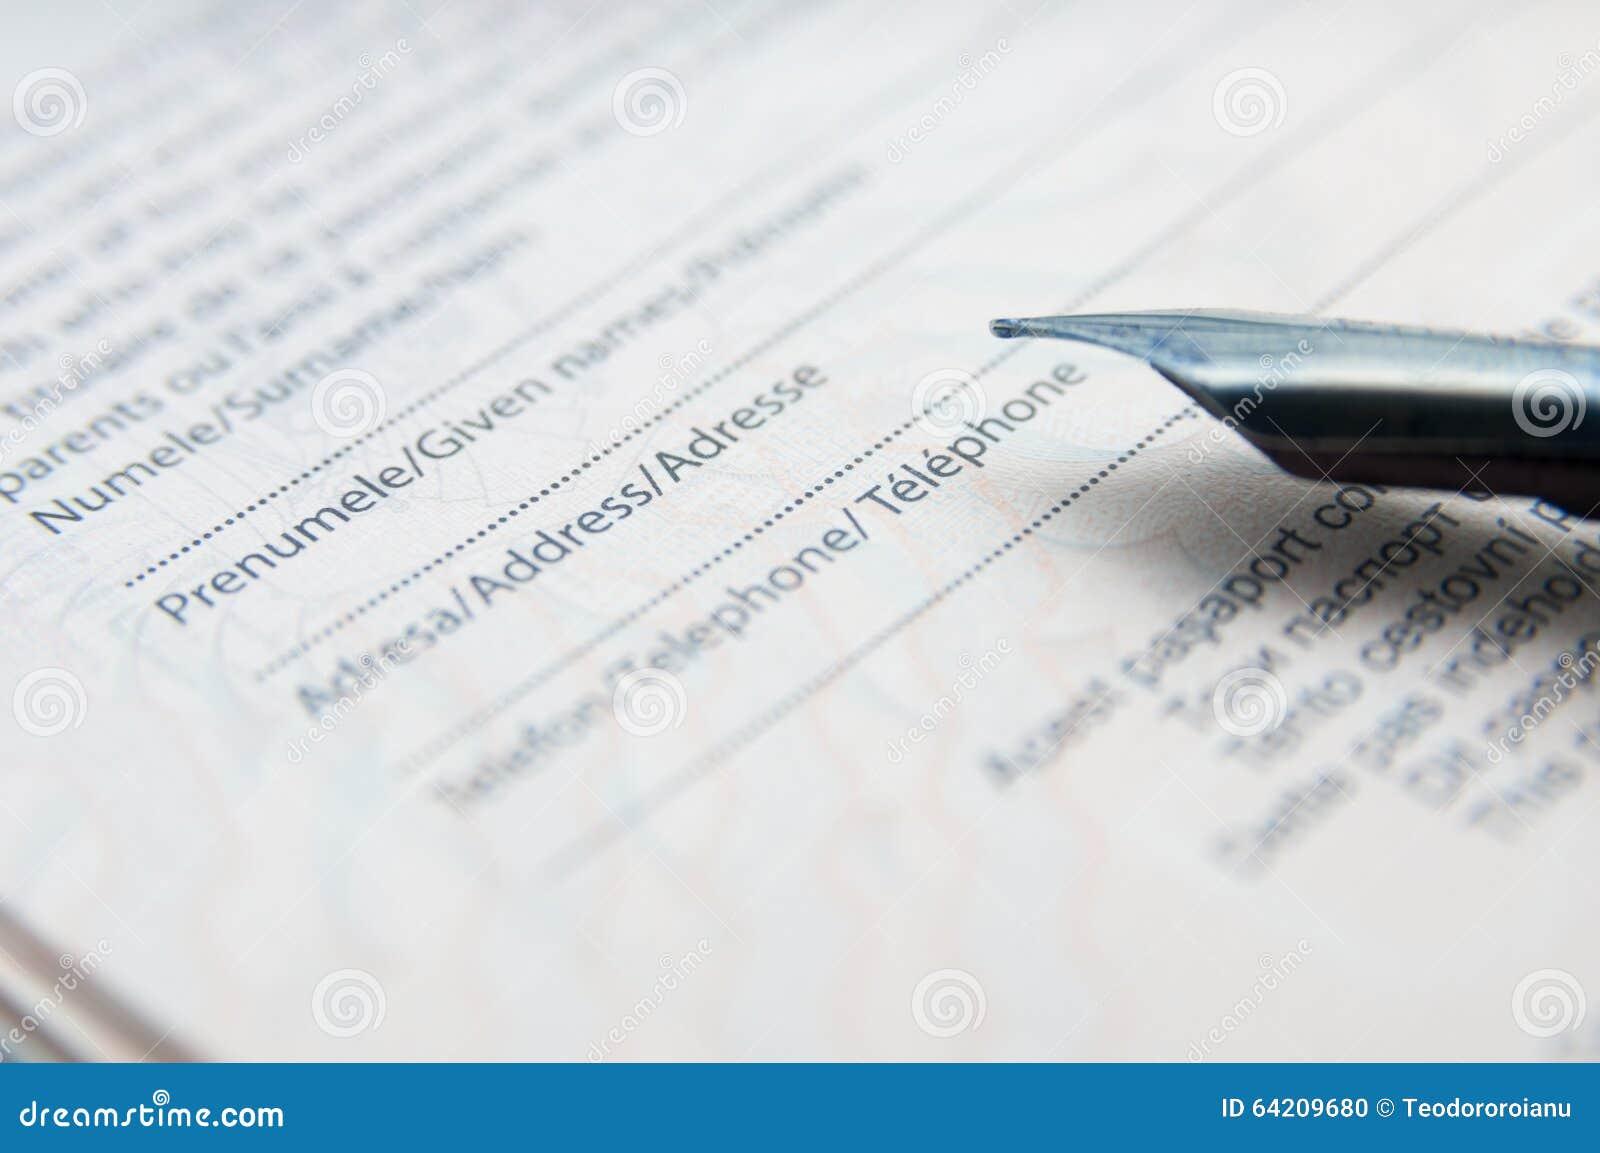 Relleno del formulario de la identificación